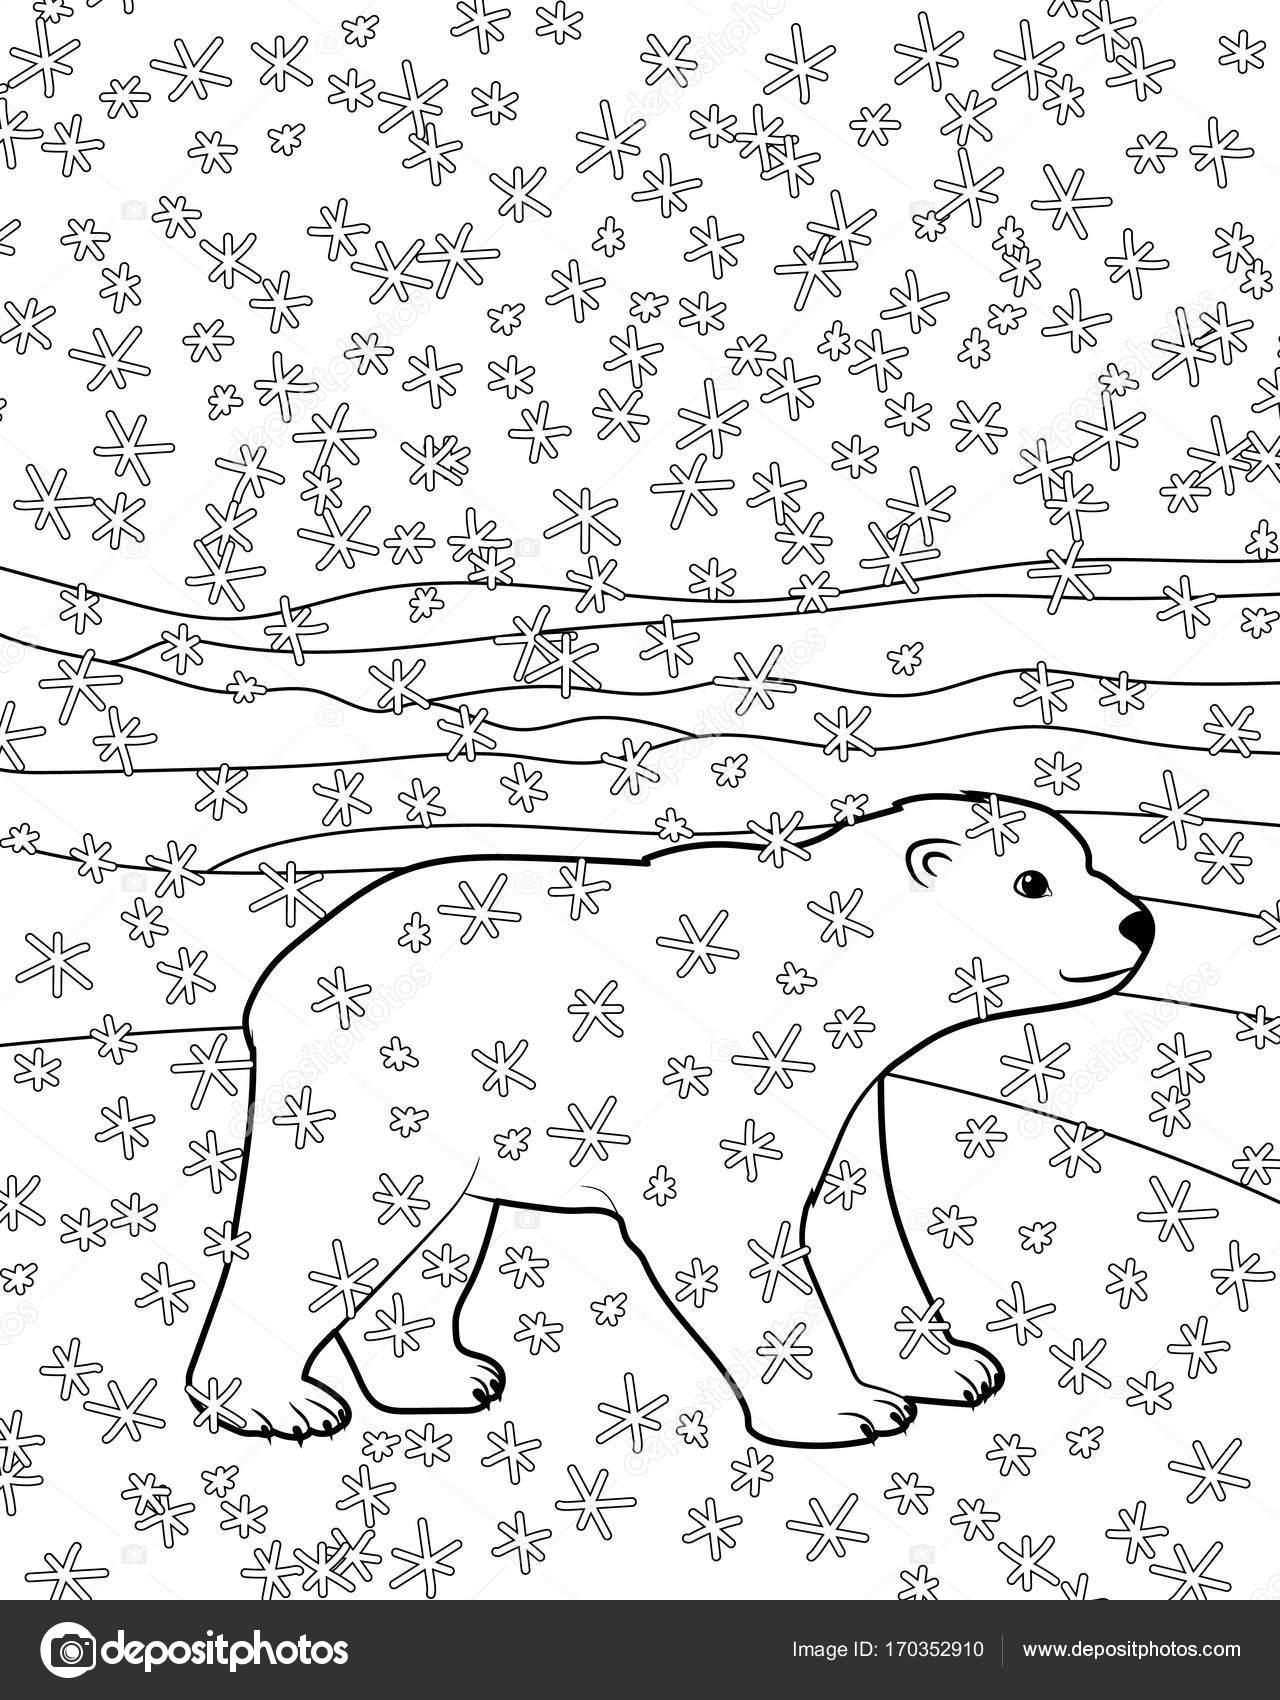 Malvorlagen mit Baby Bär — Stockvektor © Lezhepyoka #170352910